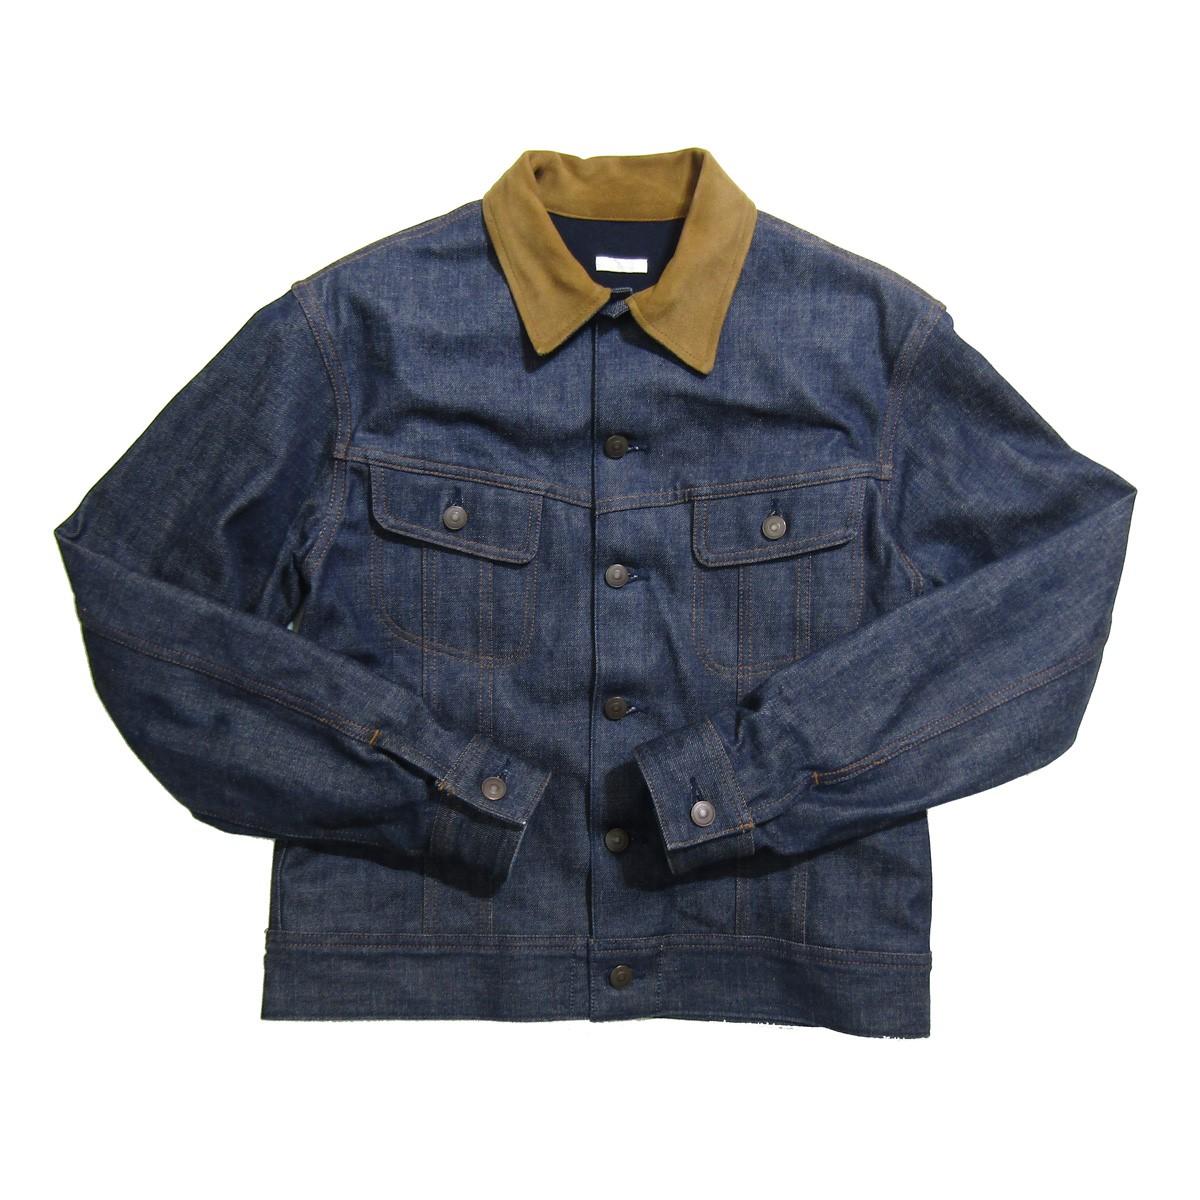 【中古】COMOLI G.I.ジャケット/デニムジャケット インディゴ サイズ:2 【010320】(コモリ)